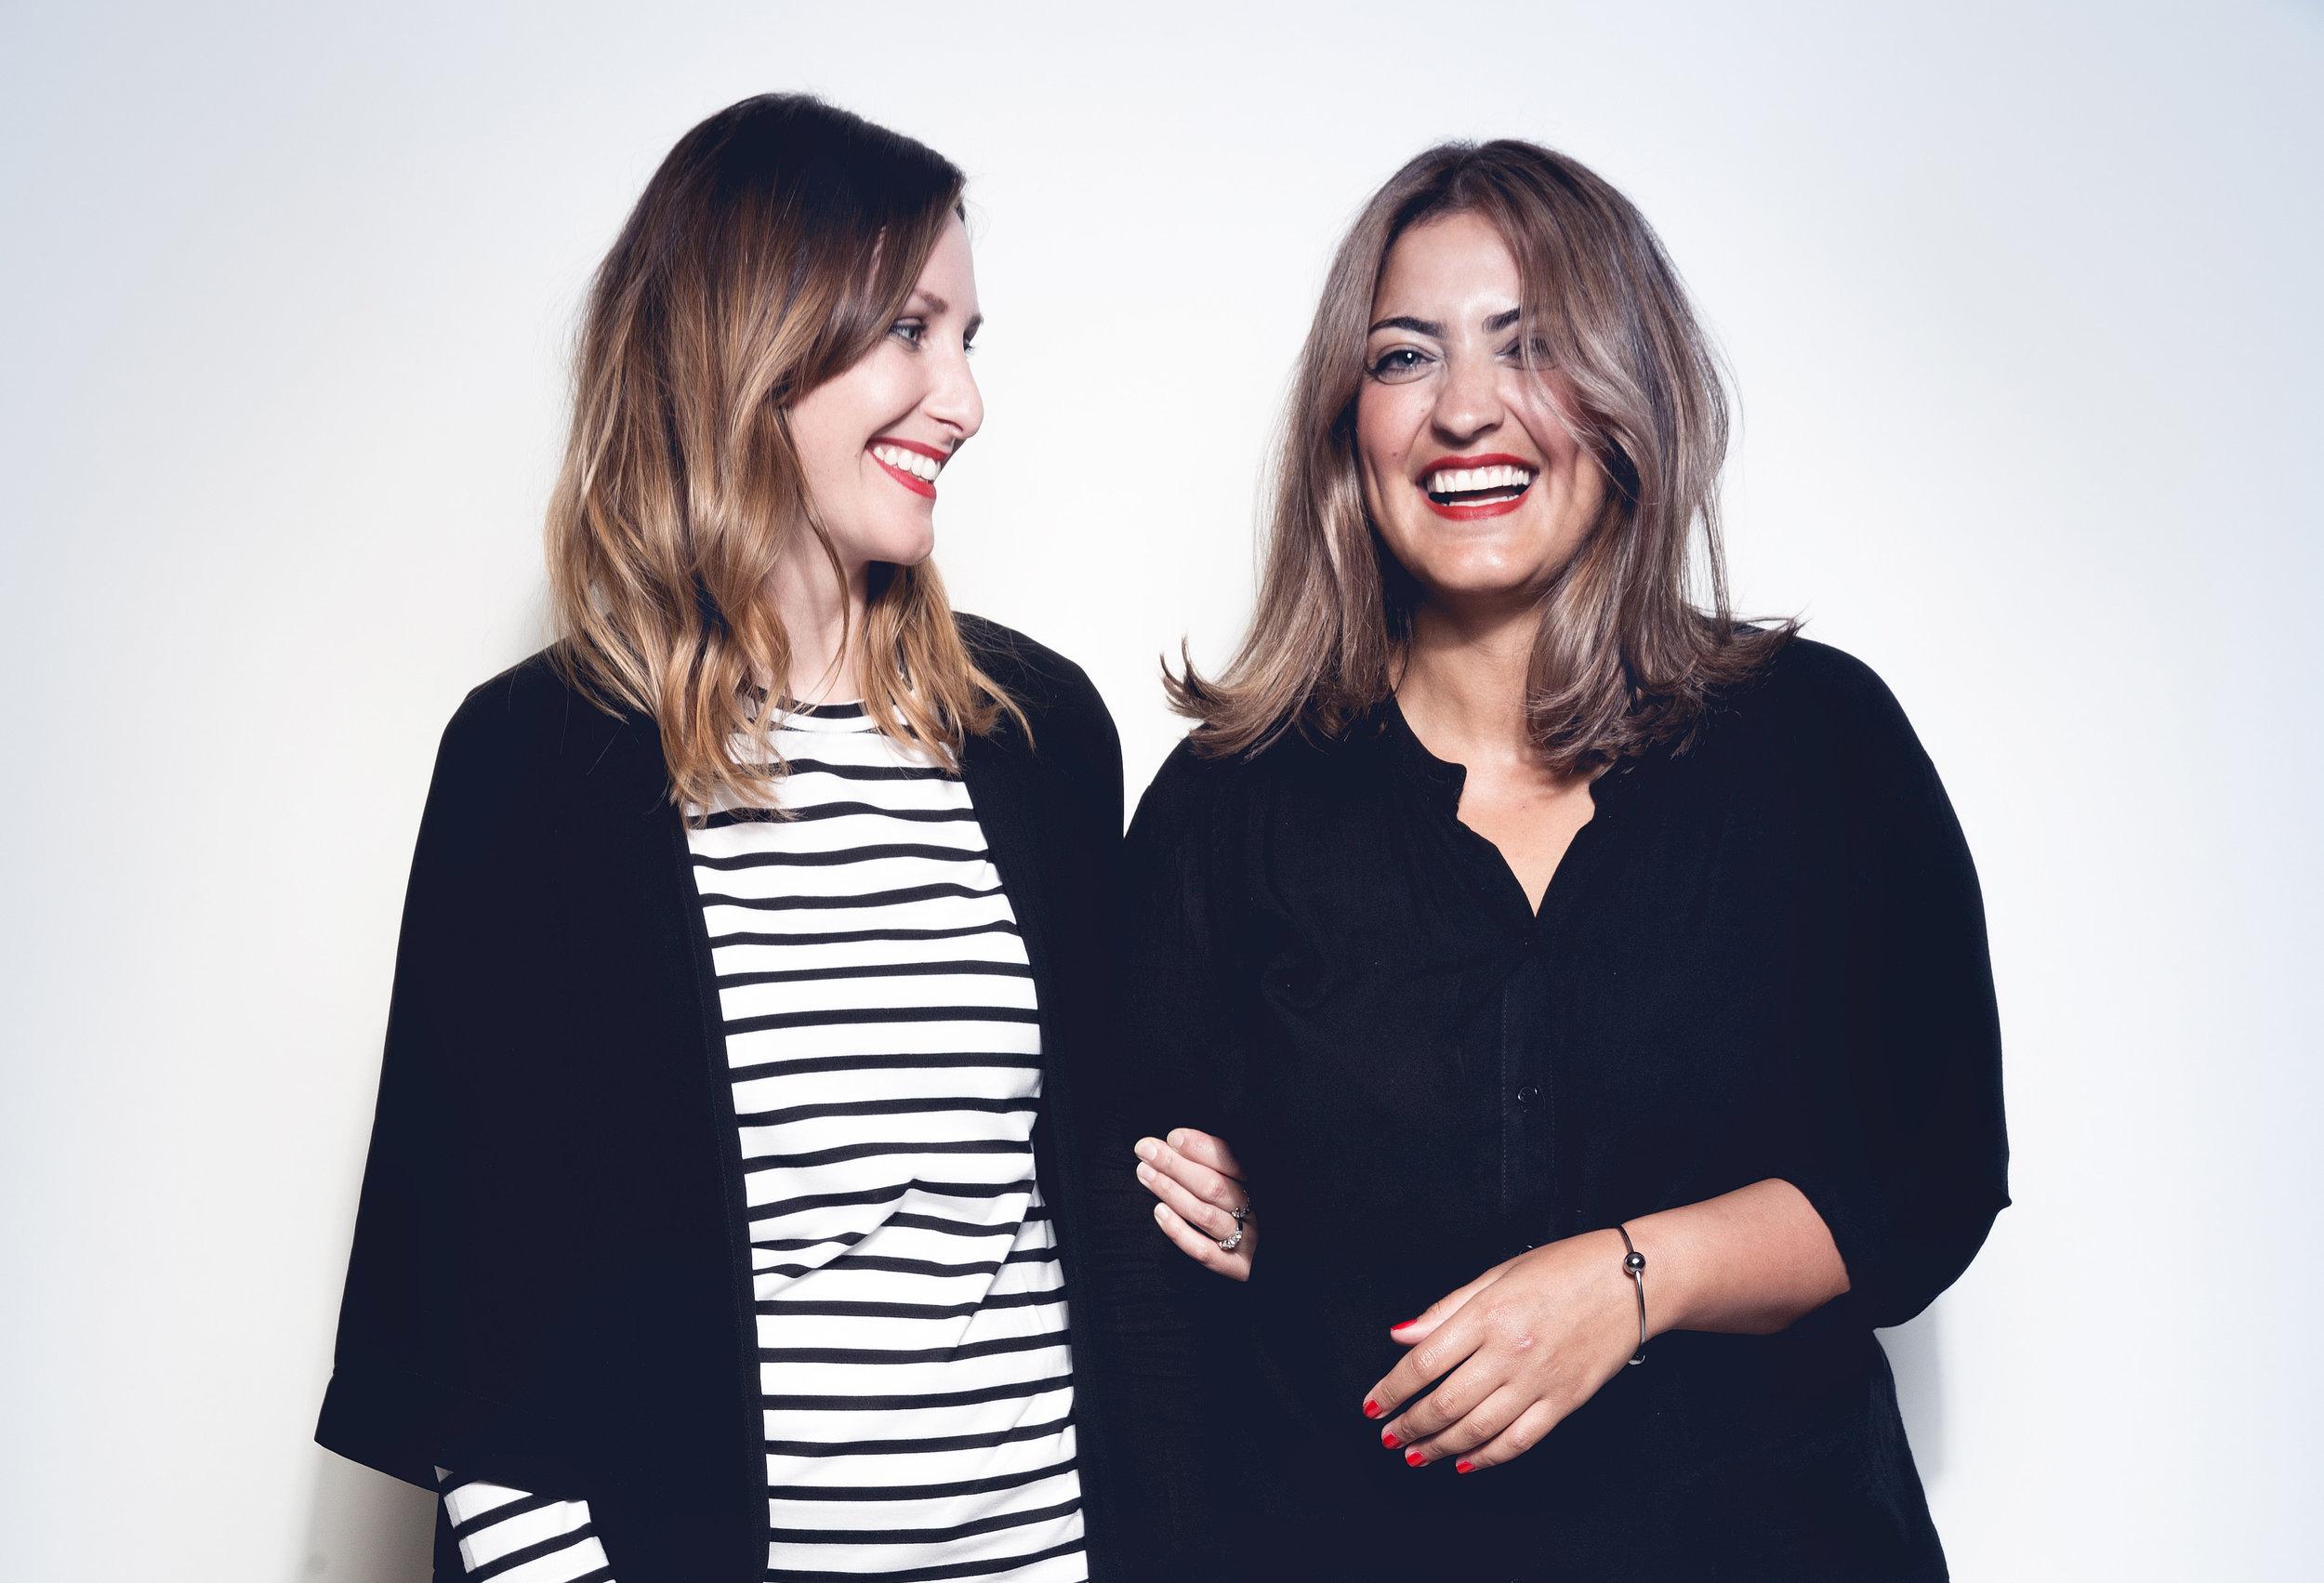 """""""Pr-konsulterna Maria Hazard och Canan Yasar startar pr-byrå, med fokus på integrerad kommunikation, tillsammans med Granath. Obeya och Granath ska tillsammans leverera helhetslösningar inom kommunikation med kompetens inom reklam, pr och digitalt."""" -"""